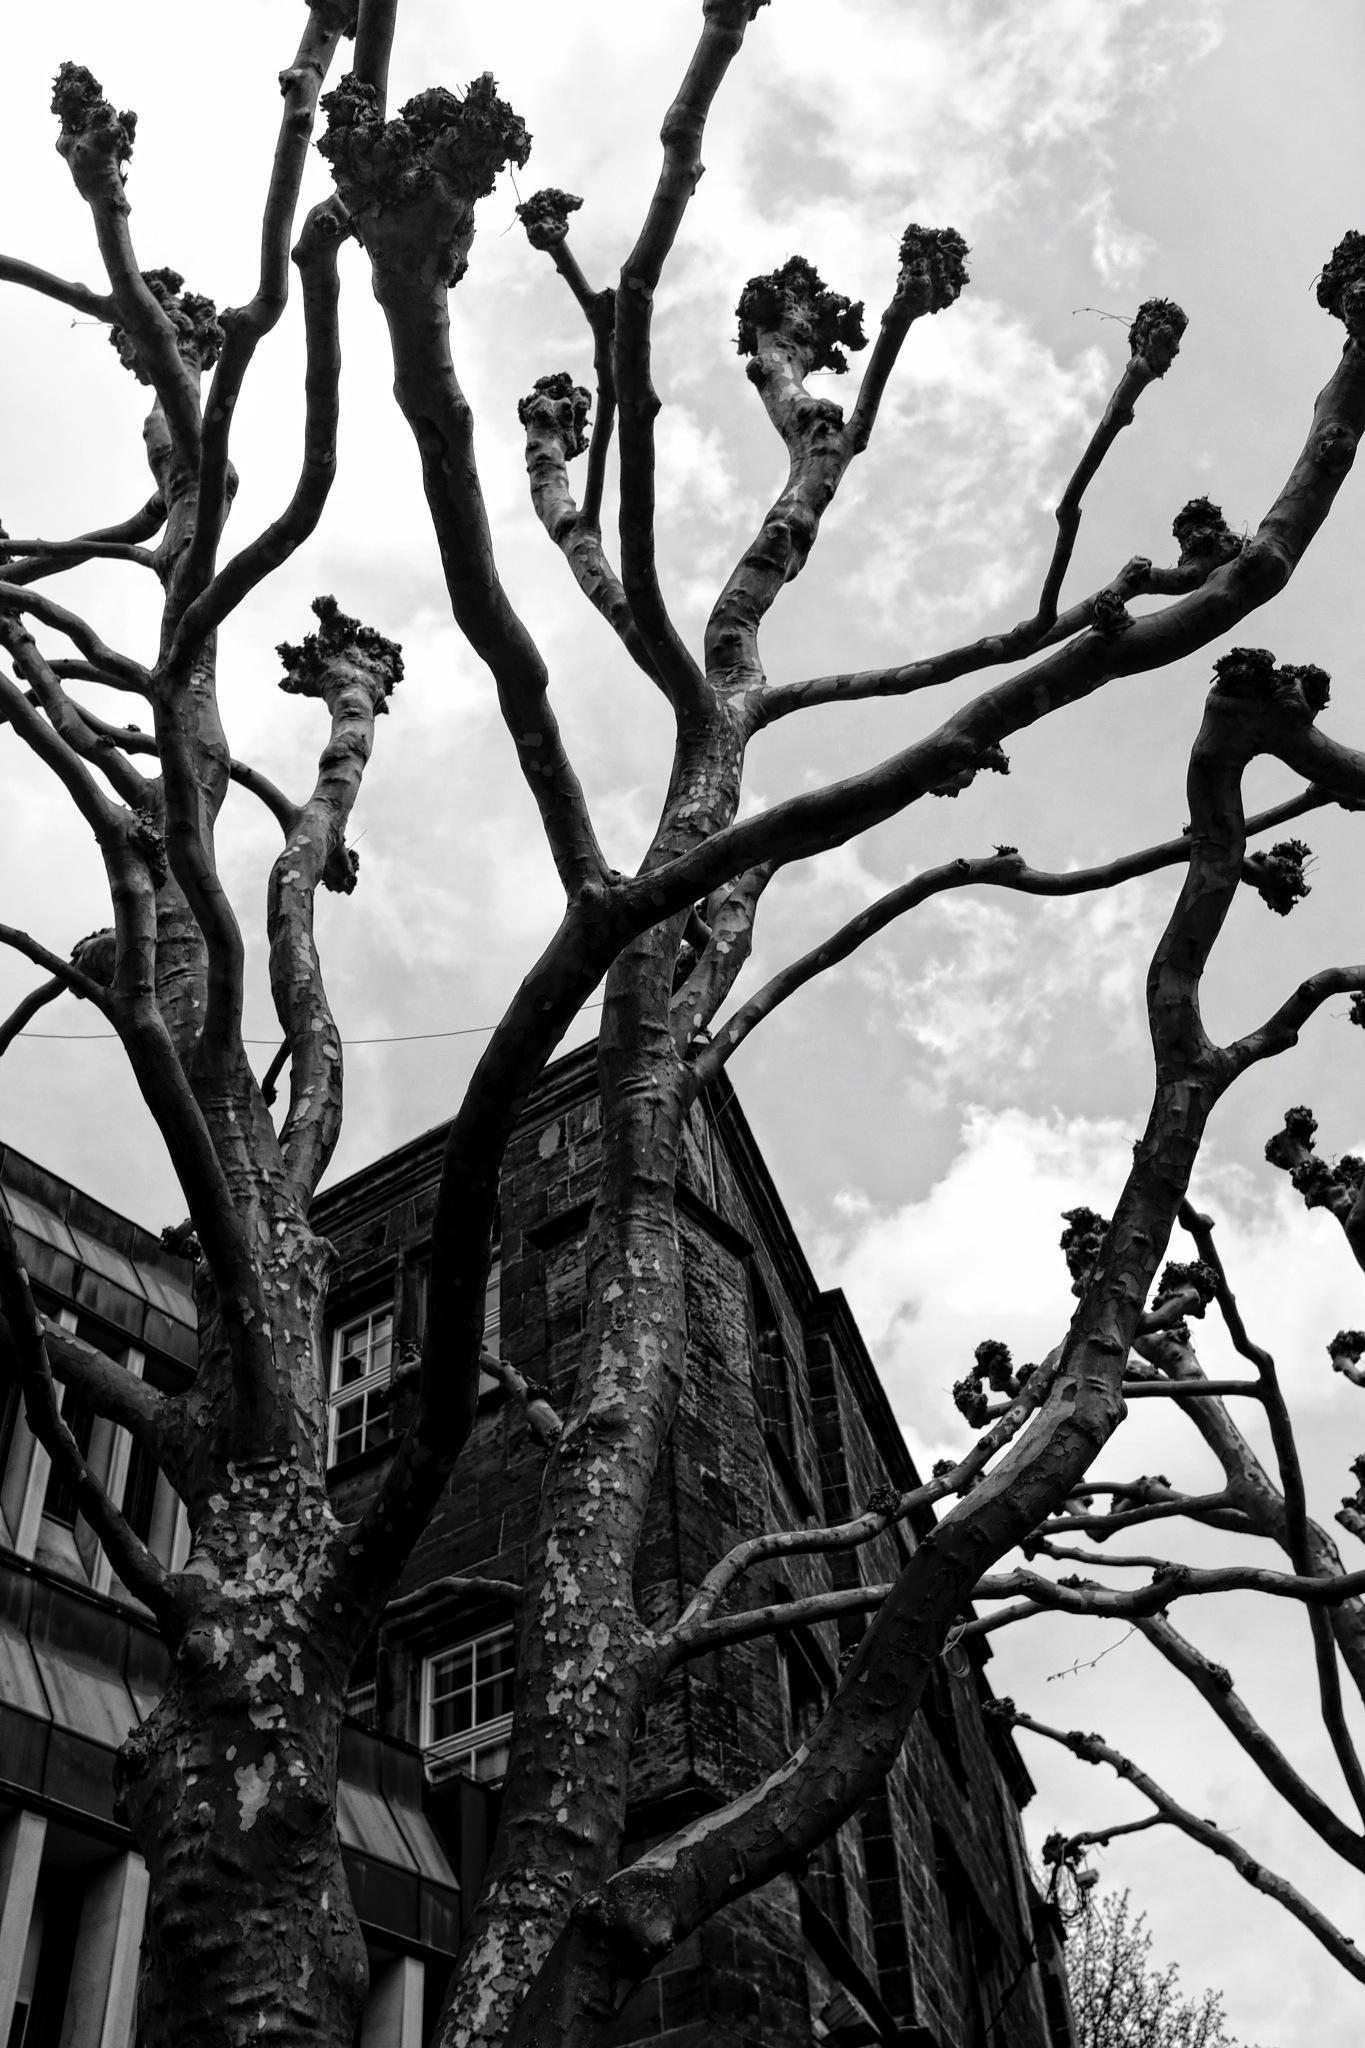 Der Baum am Dom by peterkryzun